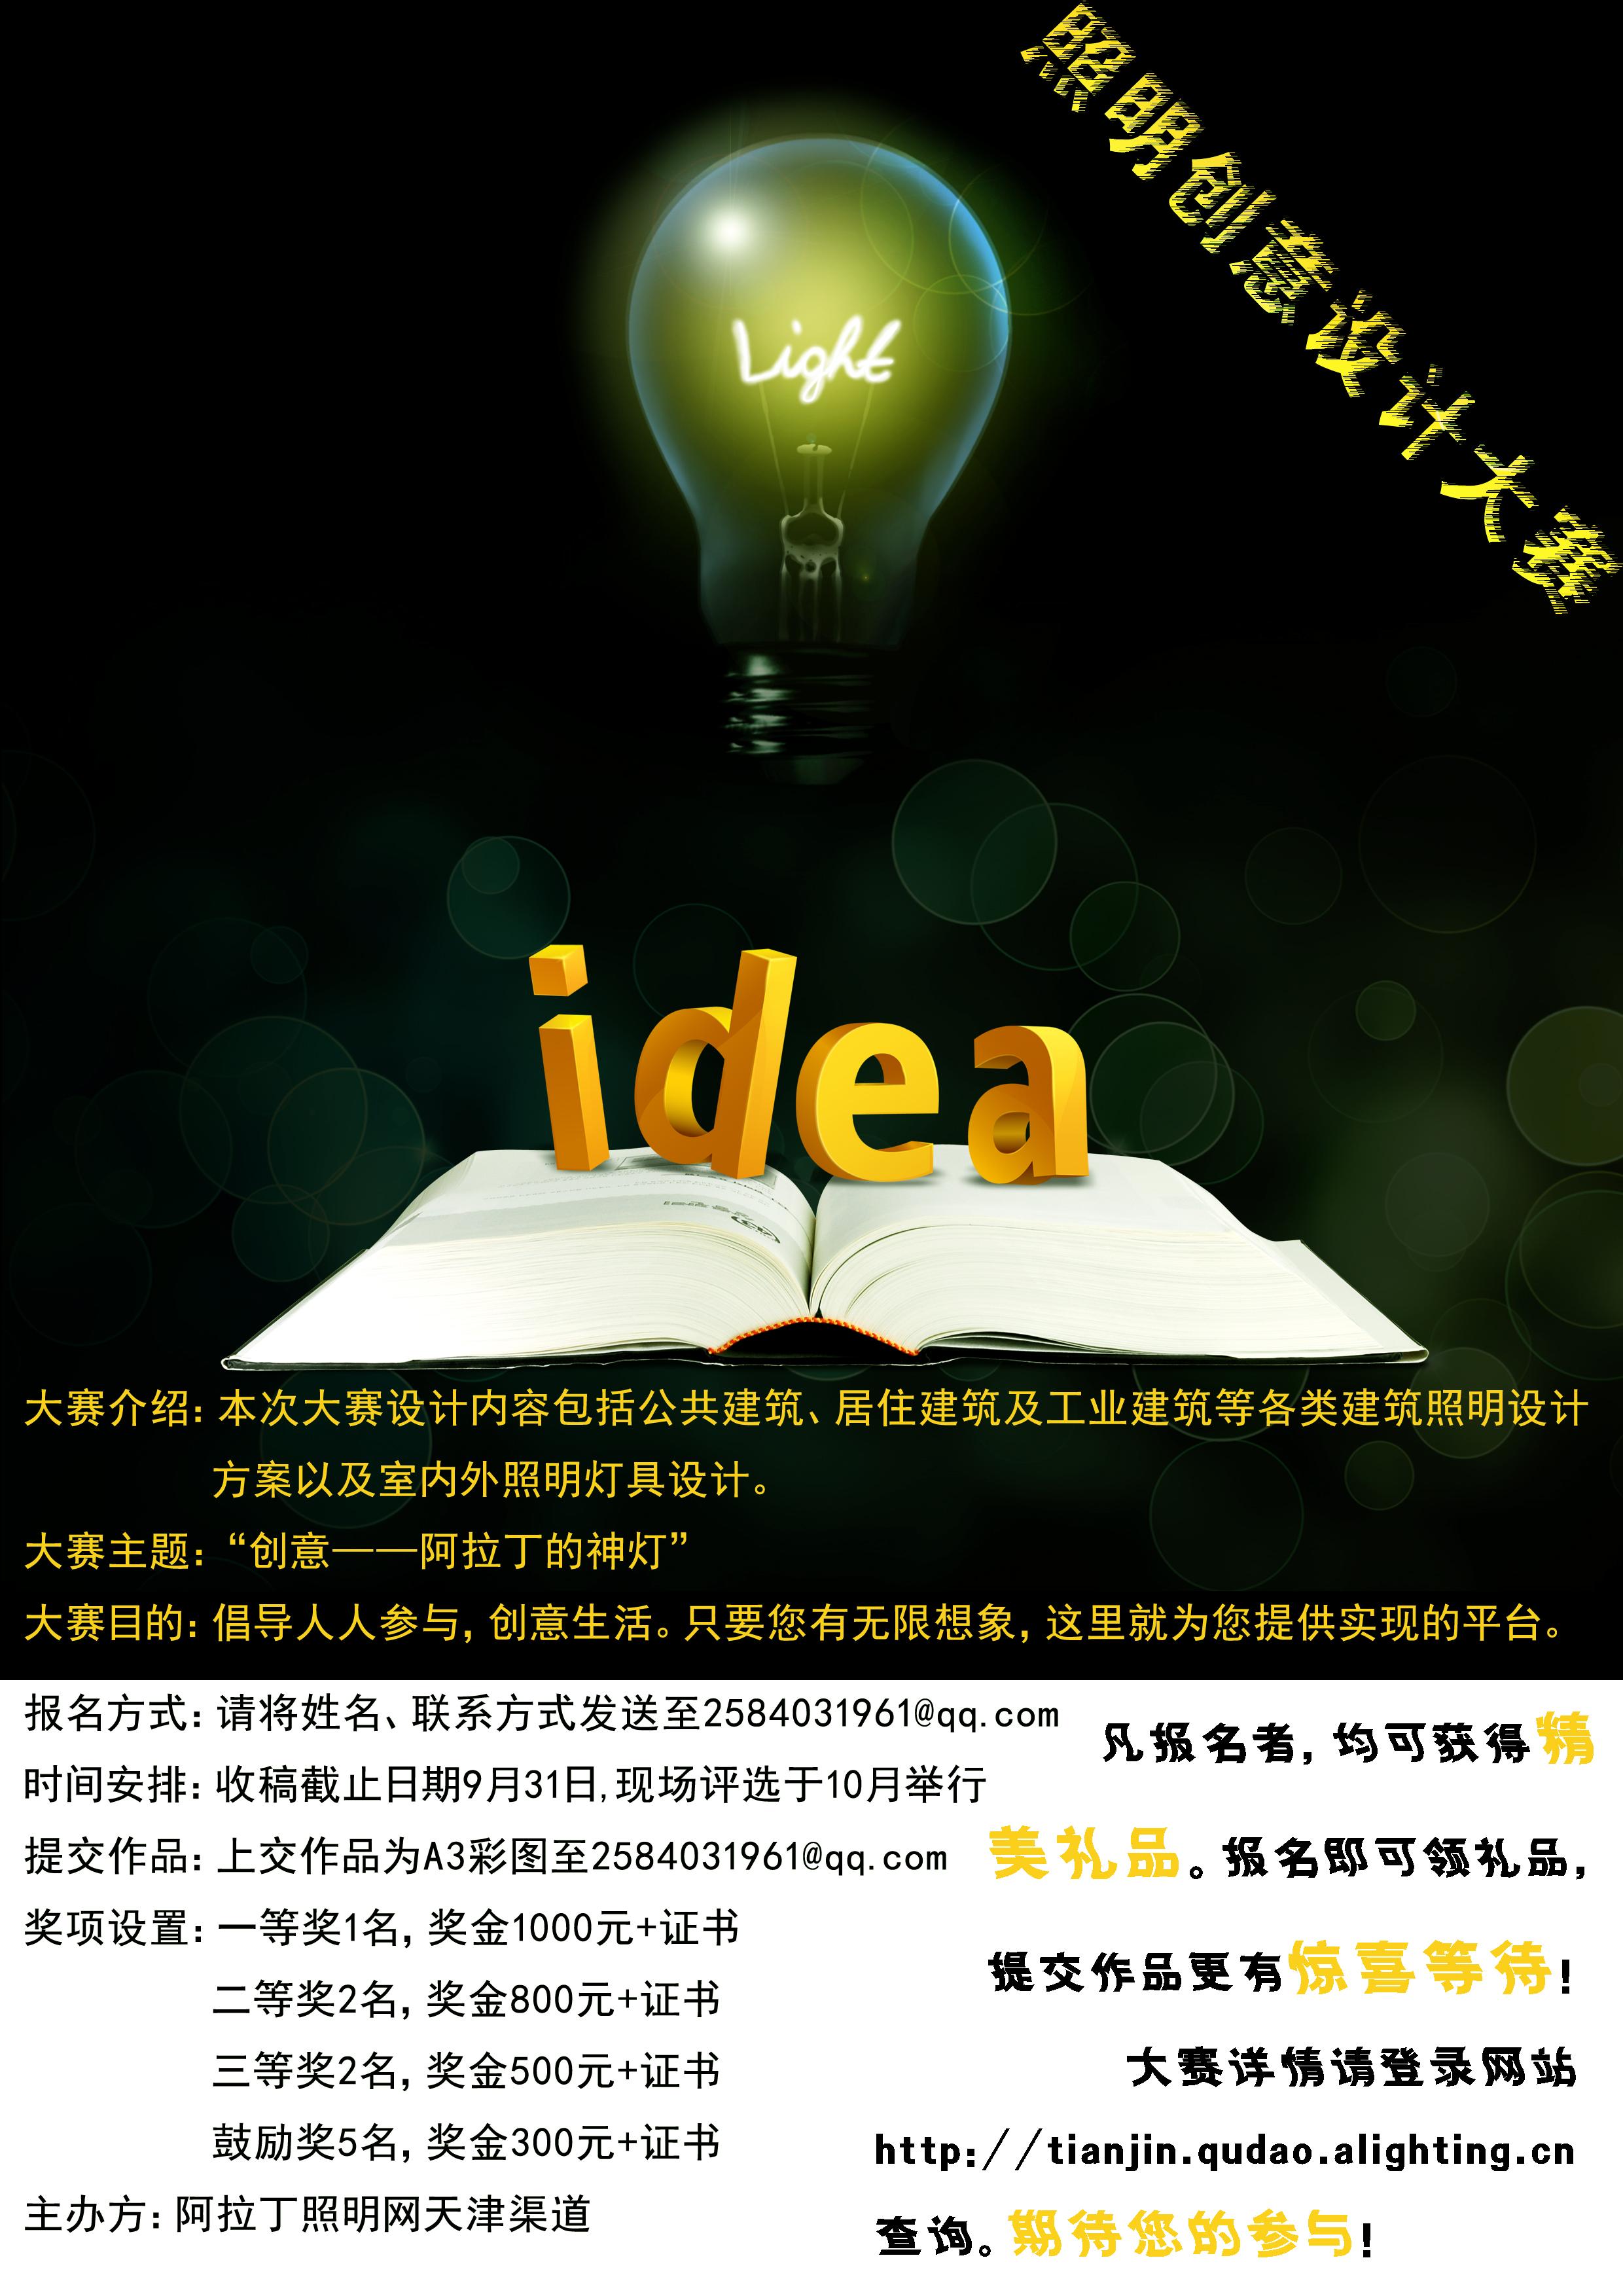 照明创意设计图片大全_照明创意设计图片下载;